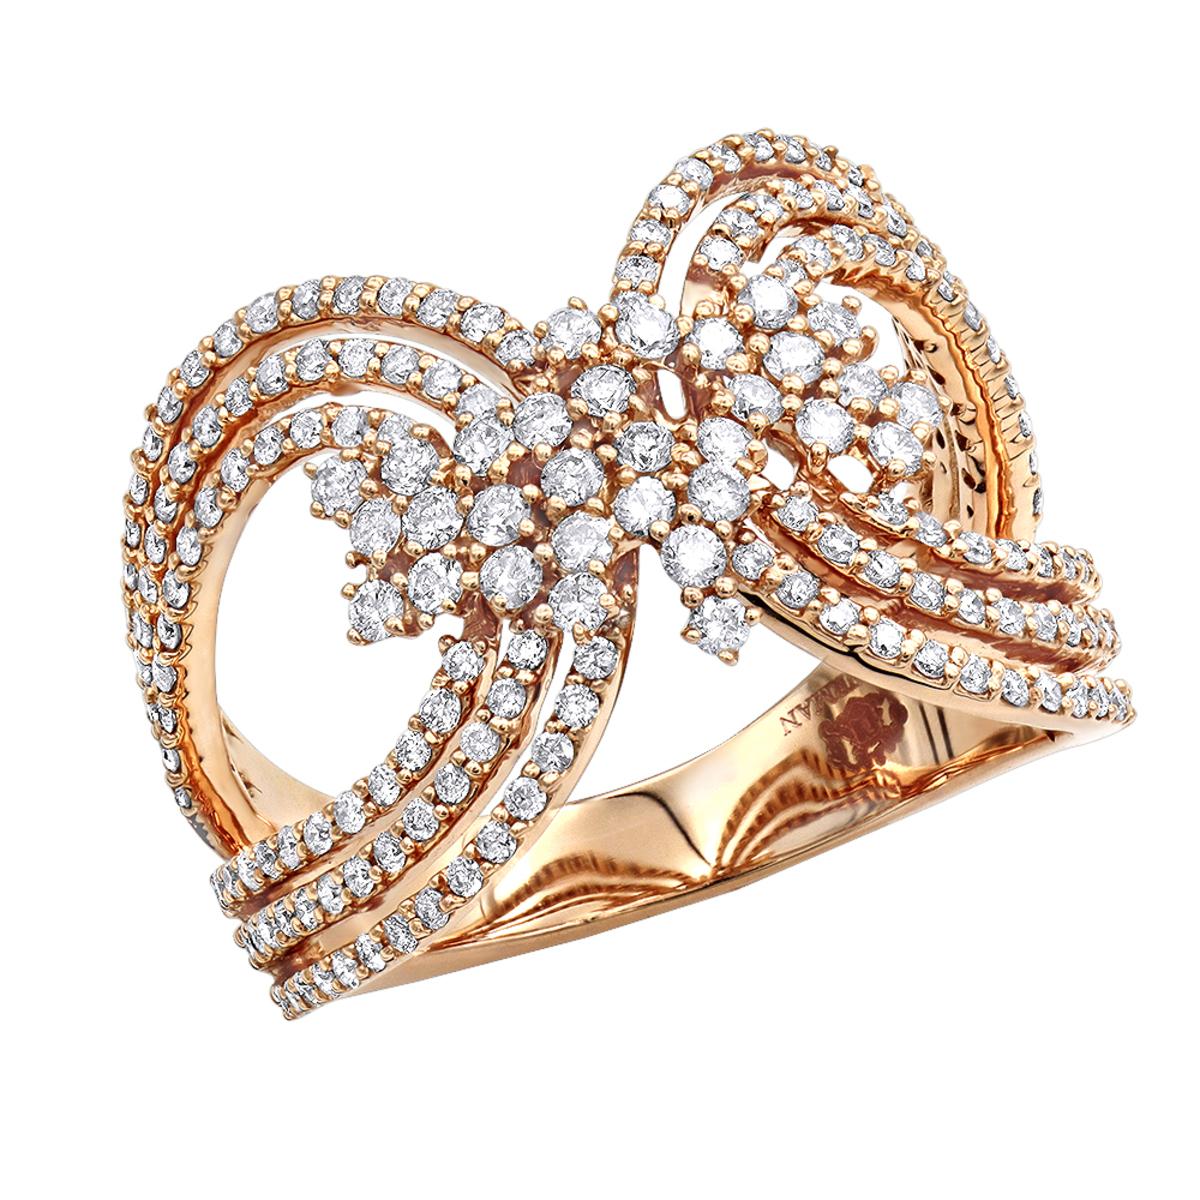 Designer 14K Gold Ladies Diamond Cocktail Ring 1 carat by Luxurman